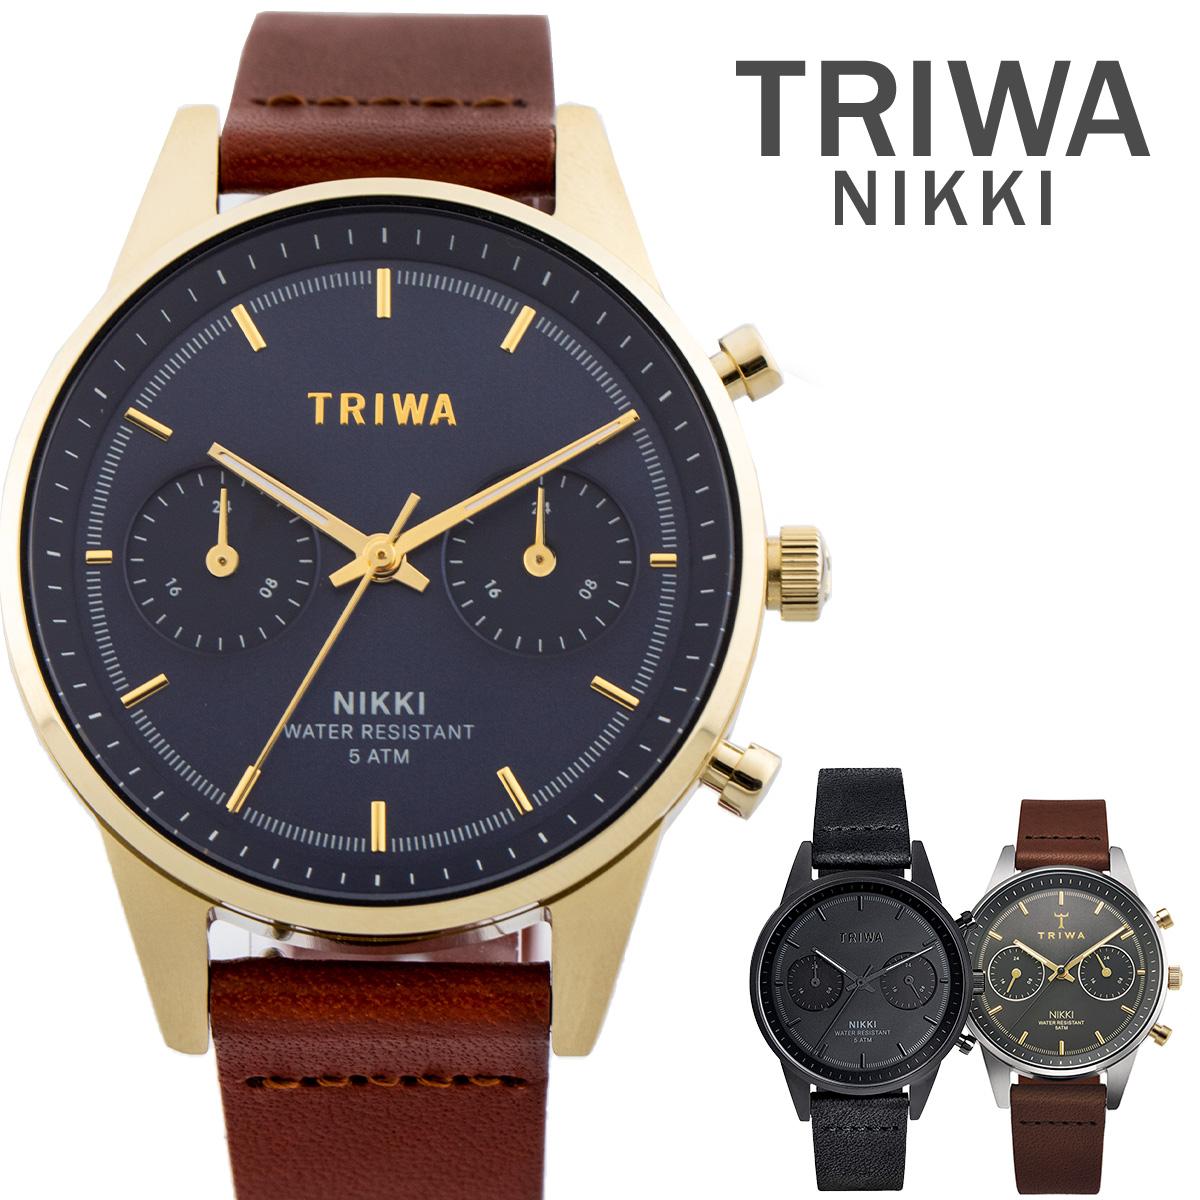 TRIWA トリワ ユニセックス 3variations メンズ レディース ユニセックス 時計 腕時計 プレゼント 贈り物 ギフト 彼氏 フォーマル カジュアル ペアウォッチ 北欧[あす楽]